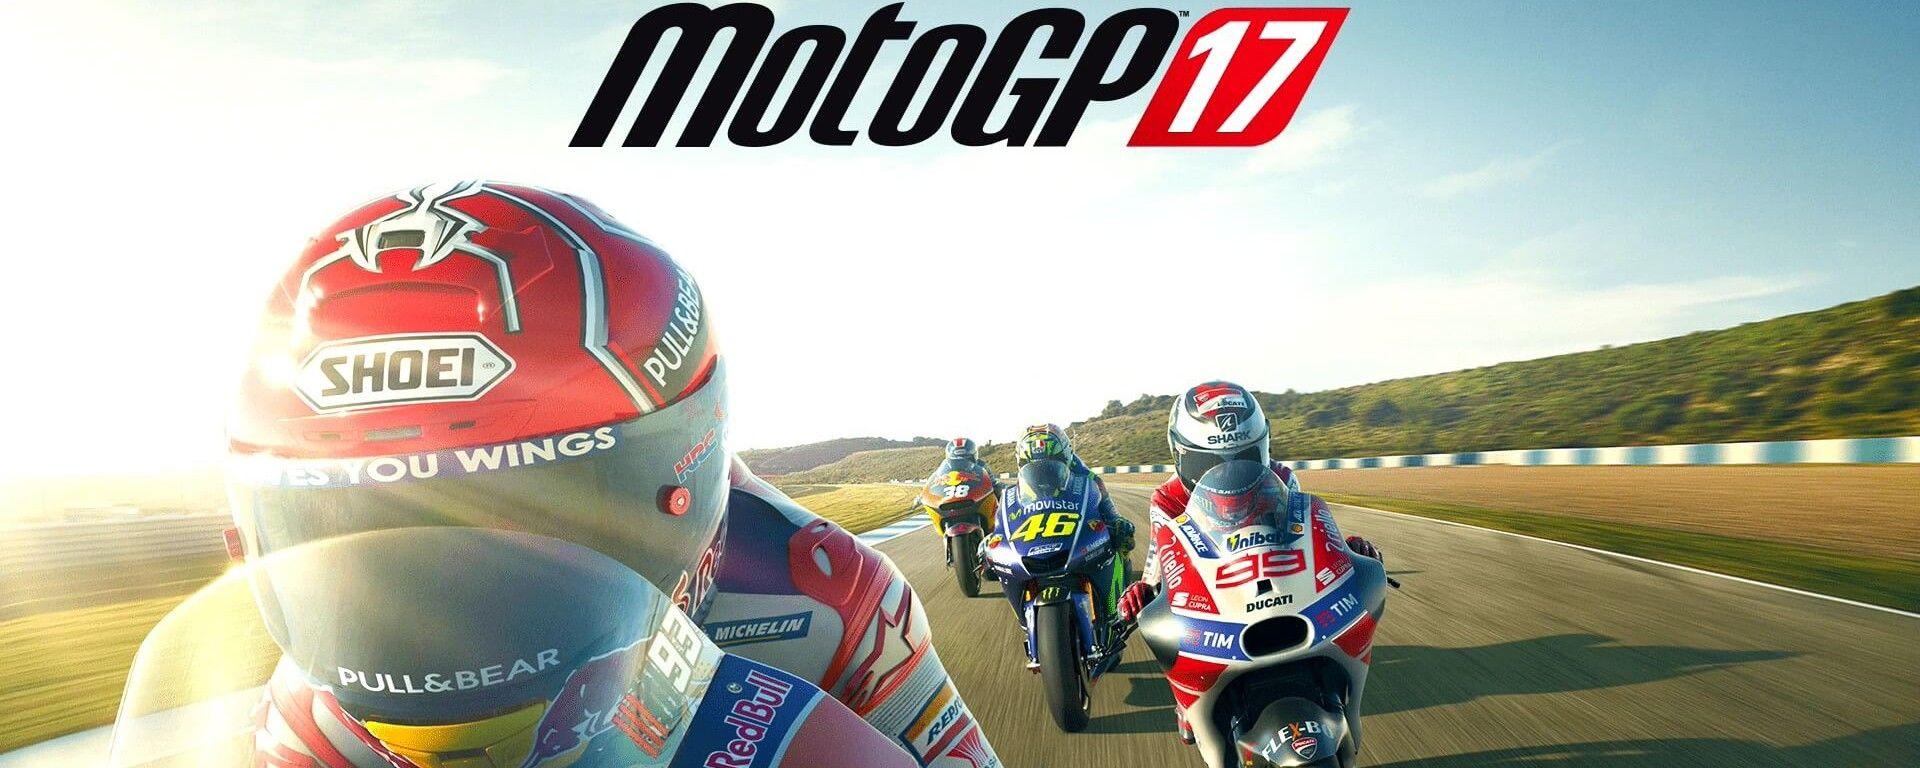 MotoGP 17 è già presente sugli scaffali da Luglio 2017 per le piattaforme PC, PS4 e Xbox One